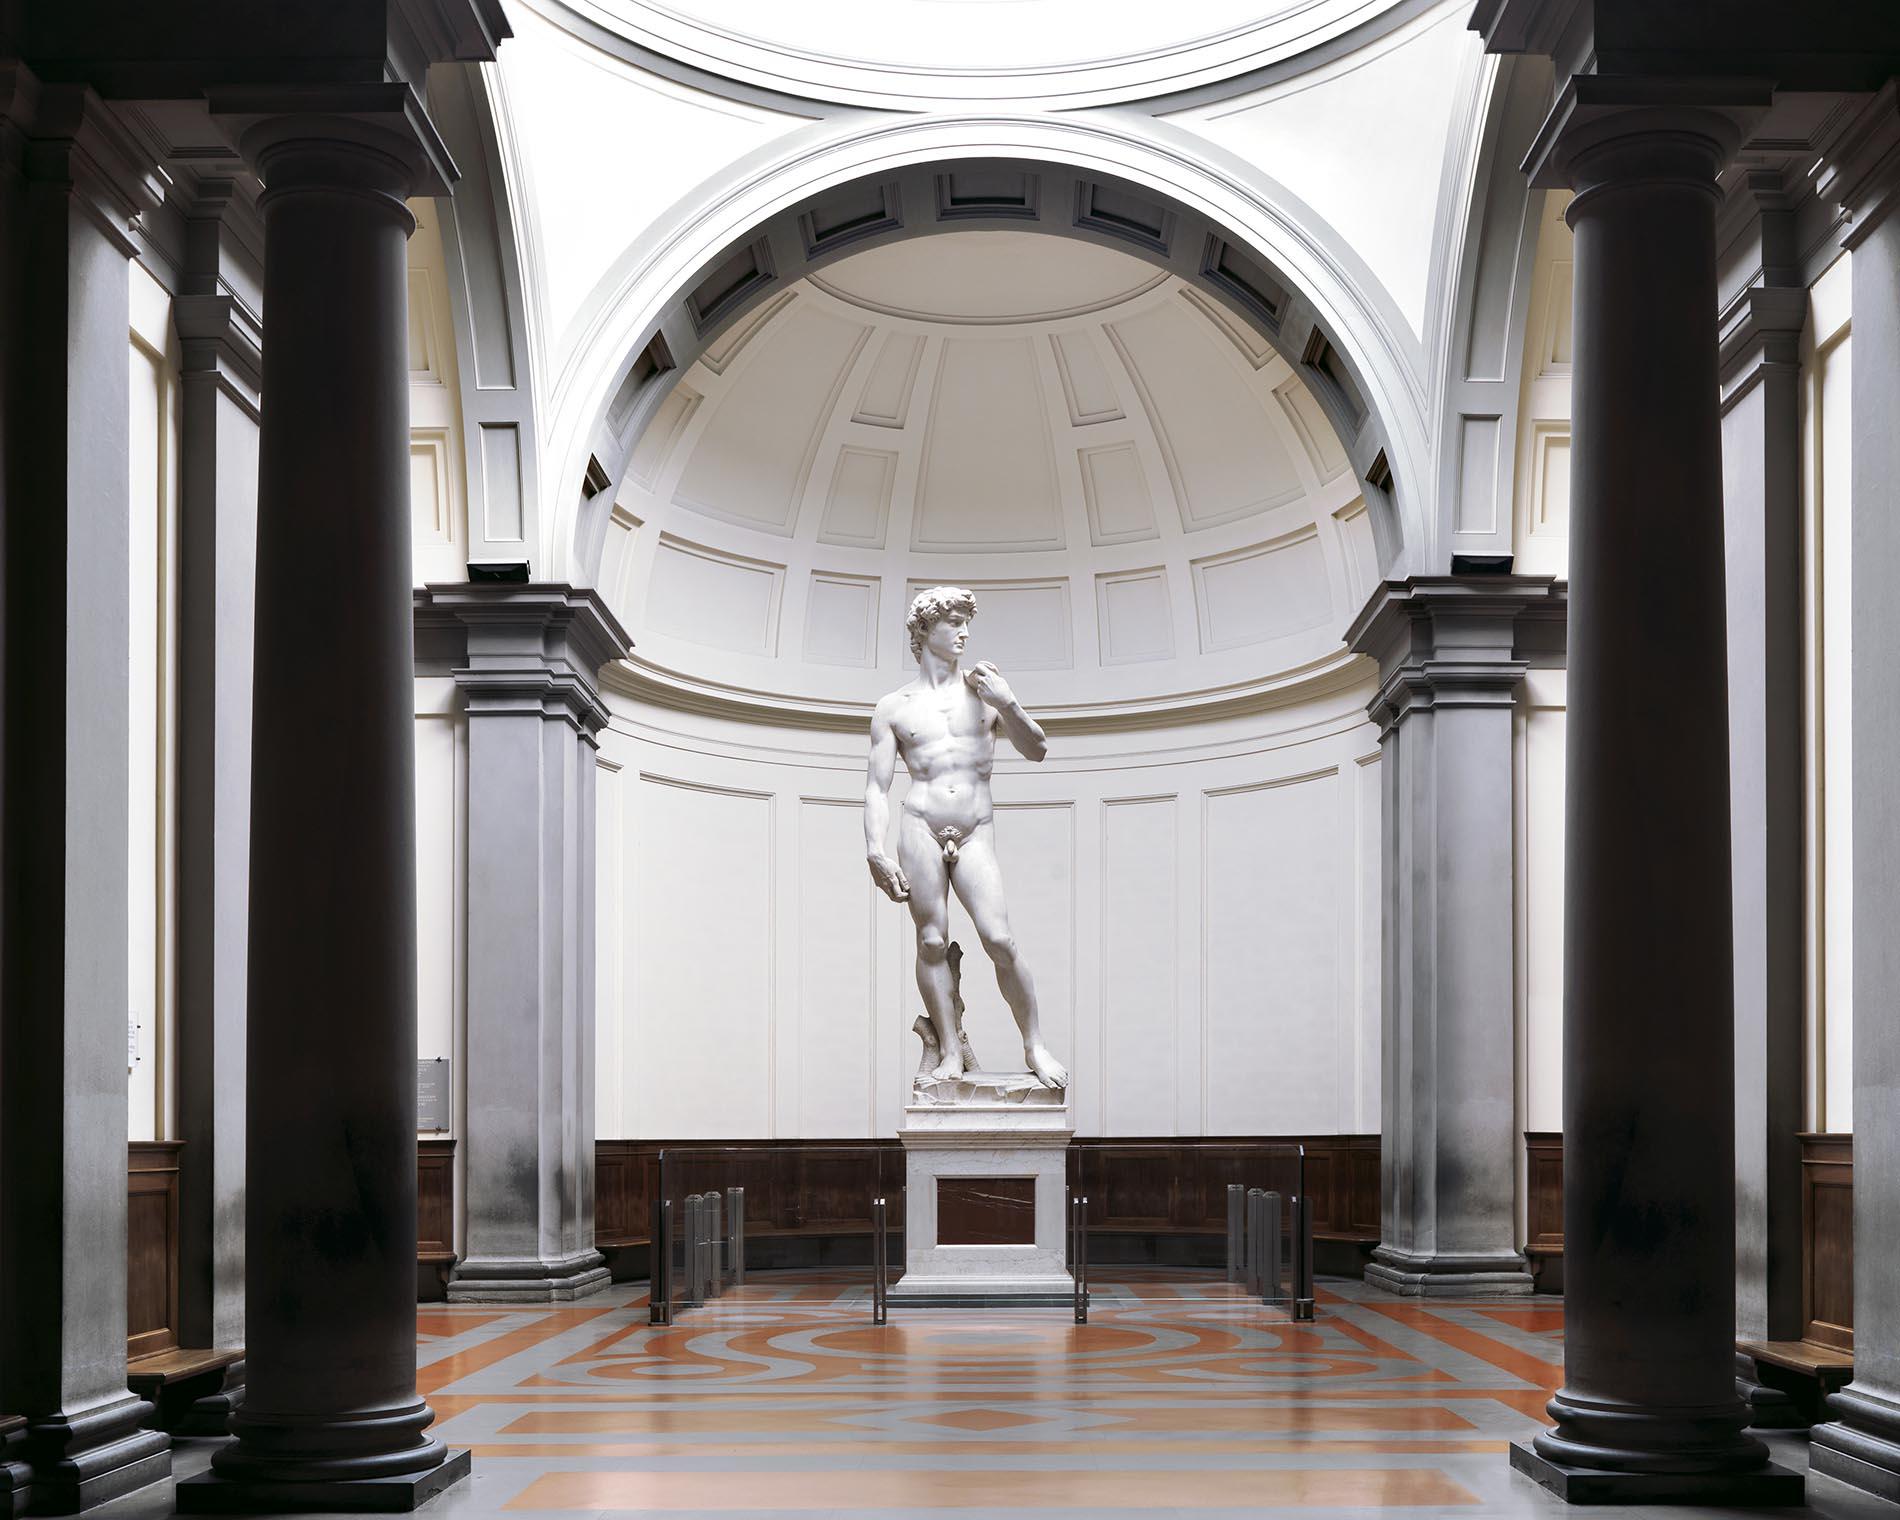 Massimo listri catalogo galleria dellaccademia firenze 2009 sciox Image collections